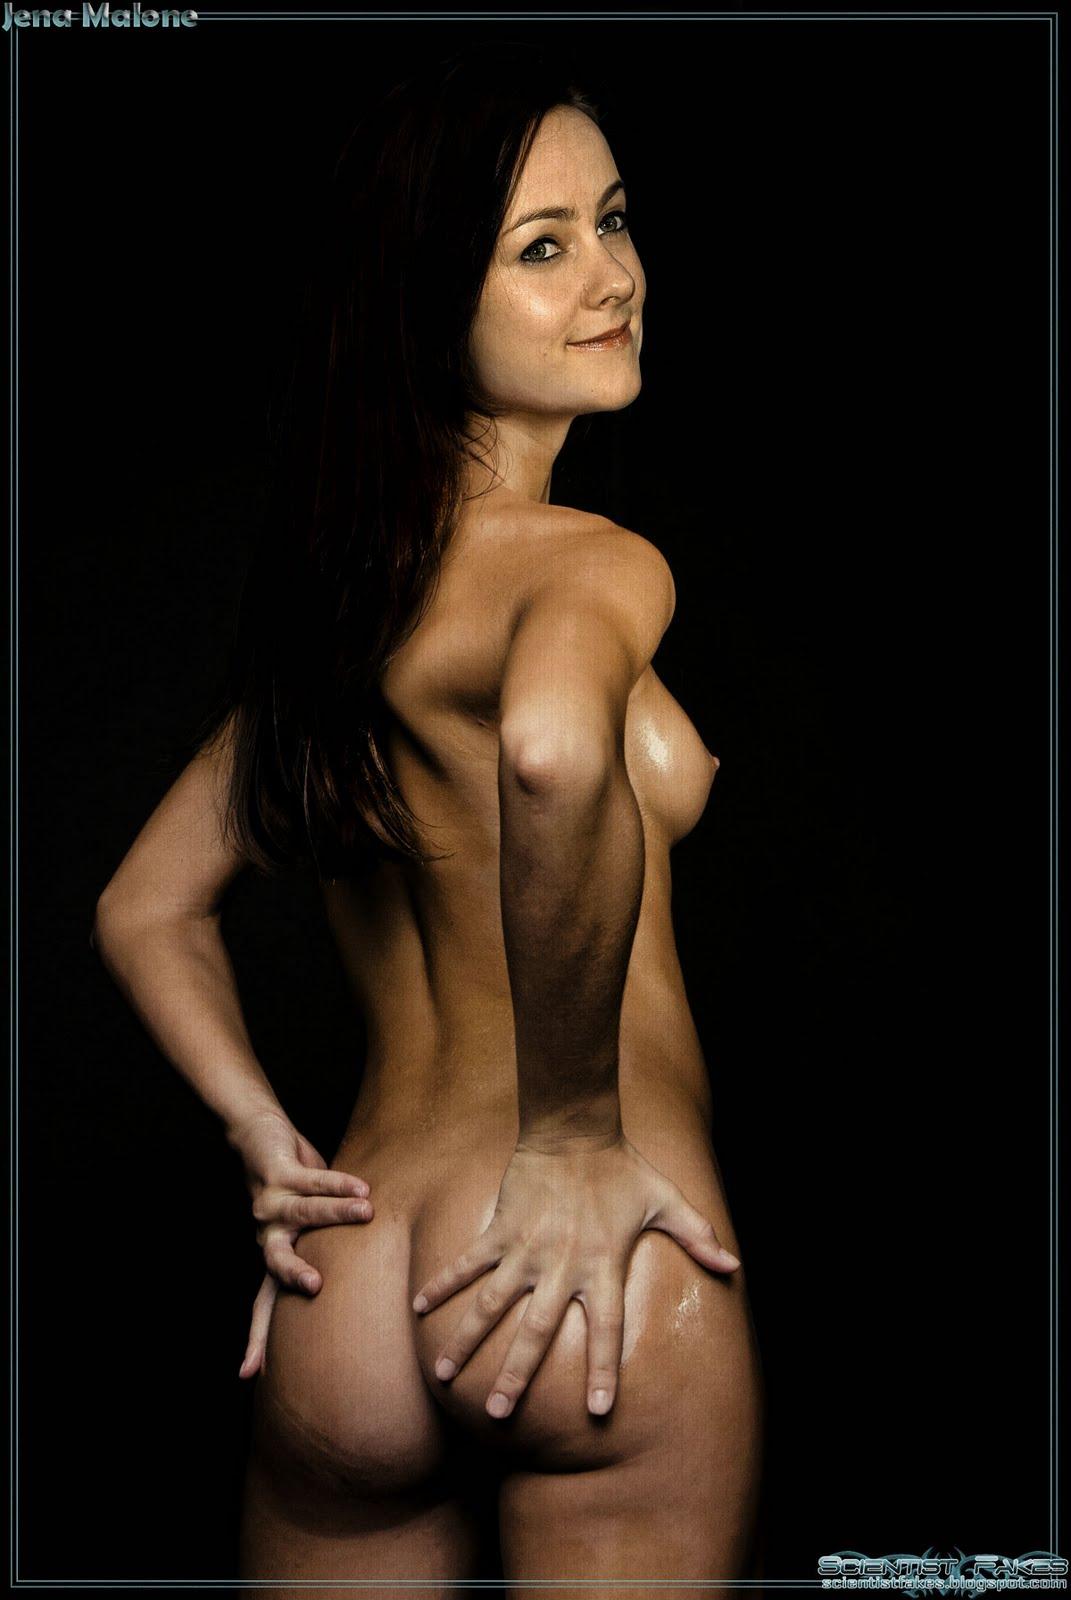 Jena Malone Nude